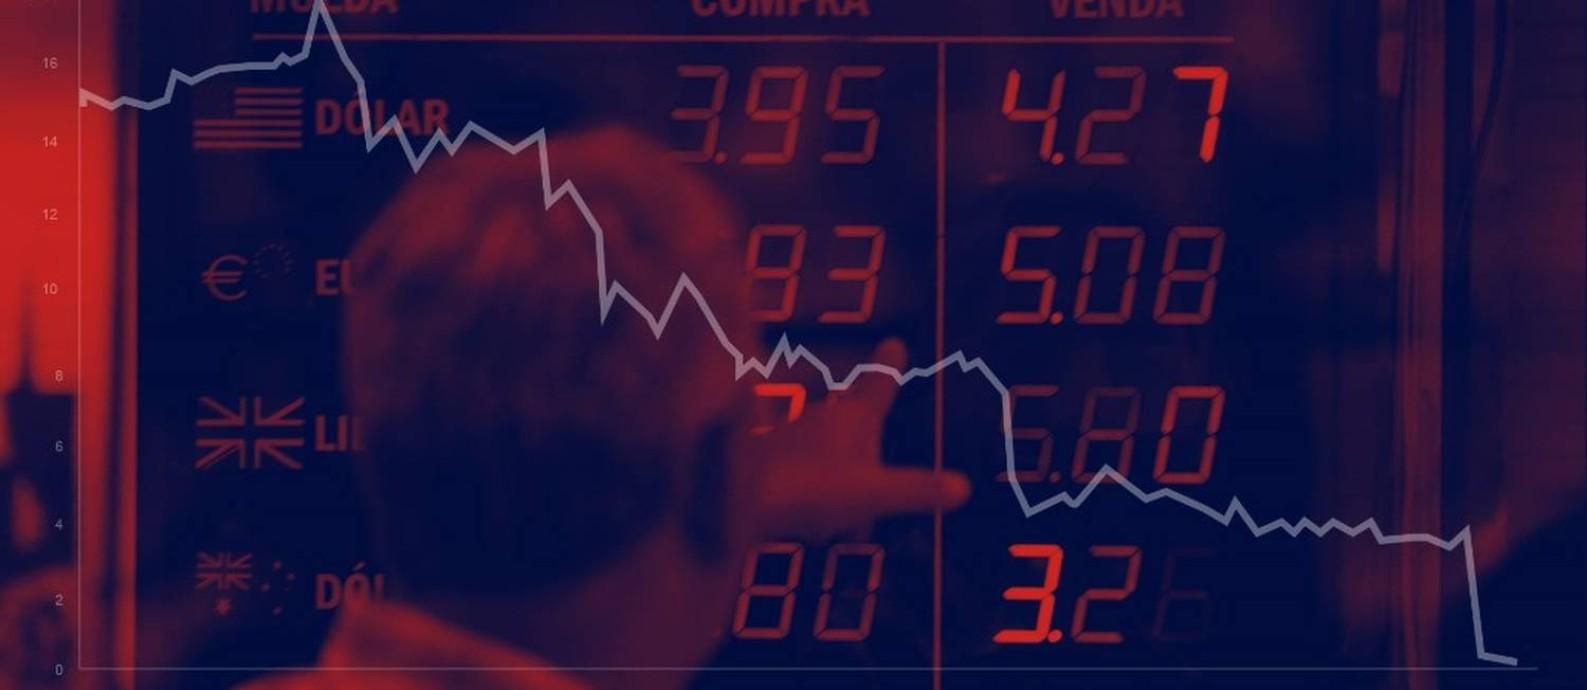 Quebra do Lehman Brothers deu início à crise de 2008 Foto: Ilustração O Globo